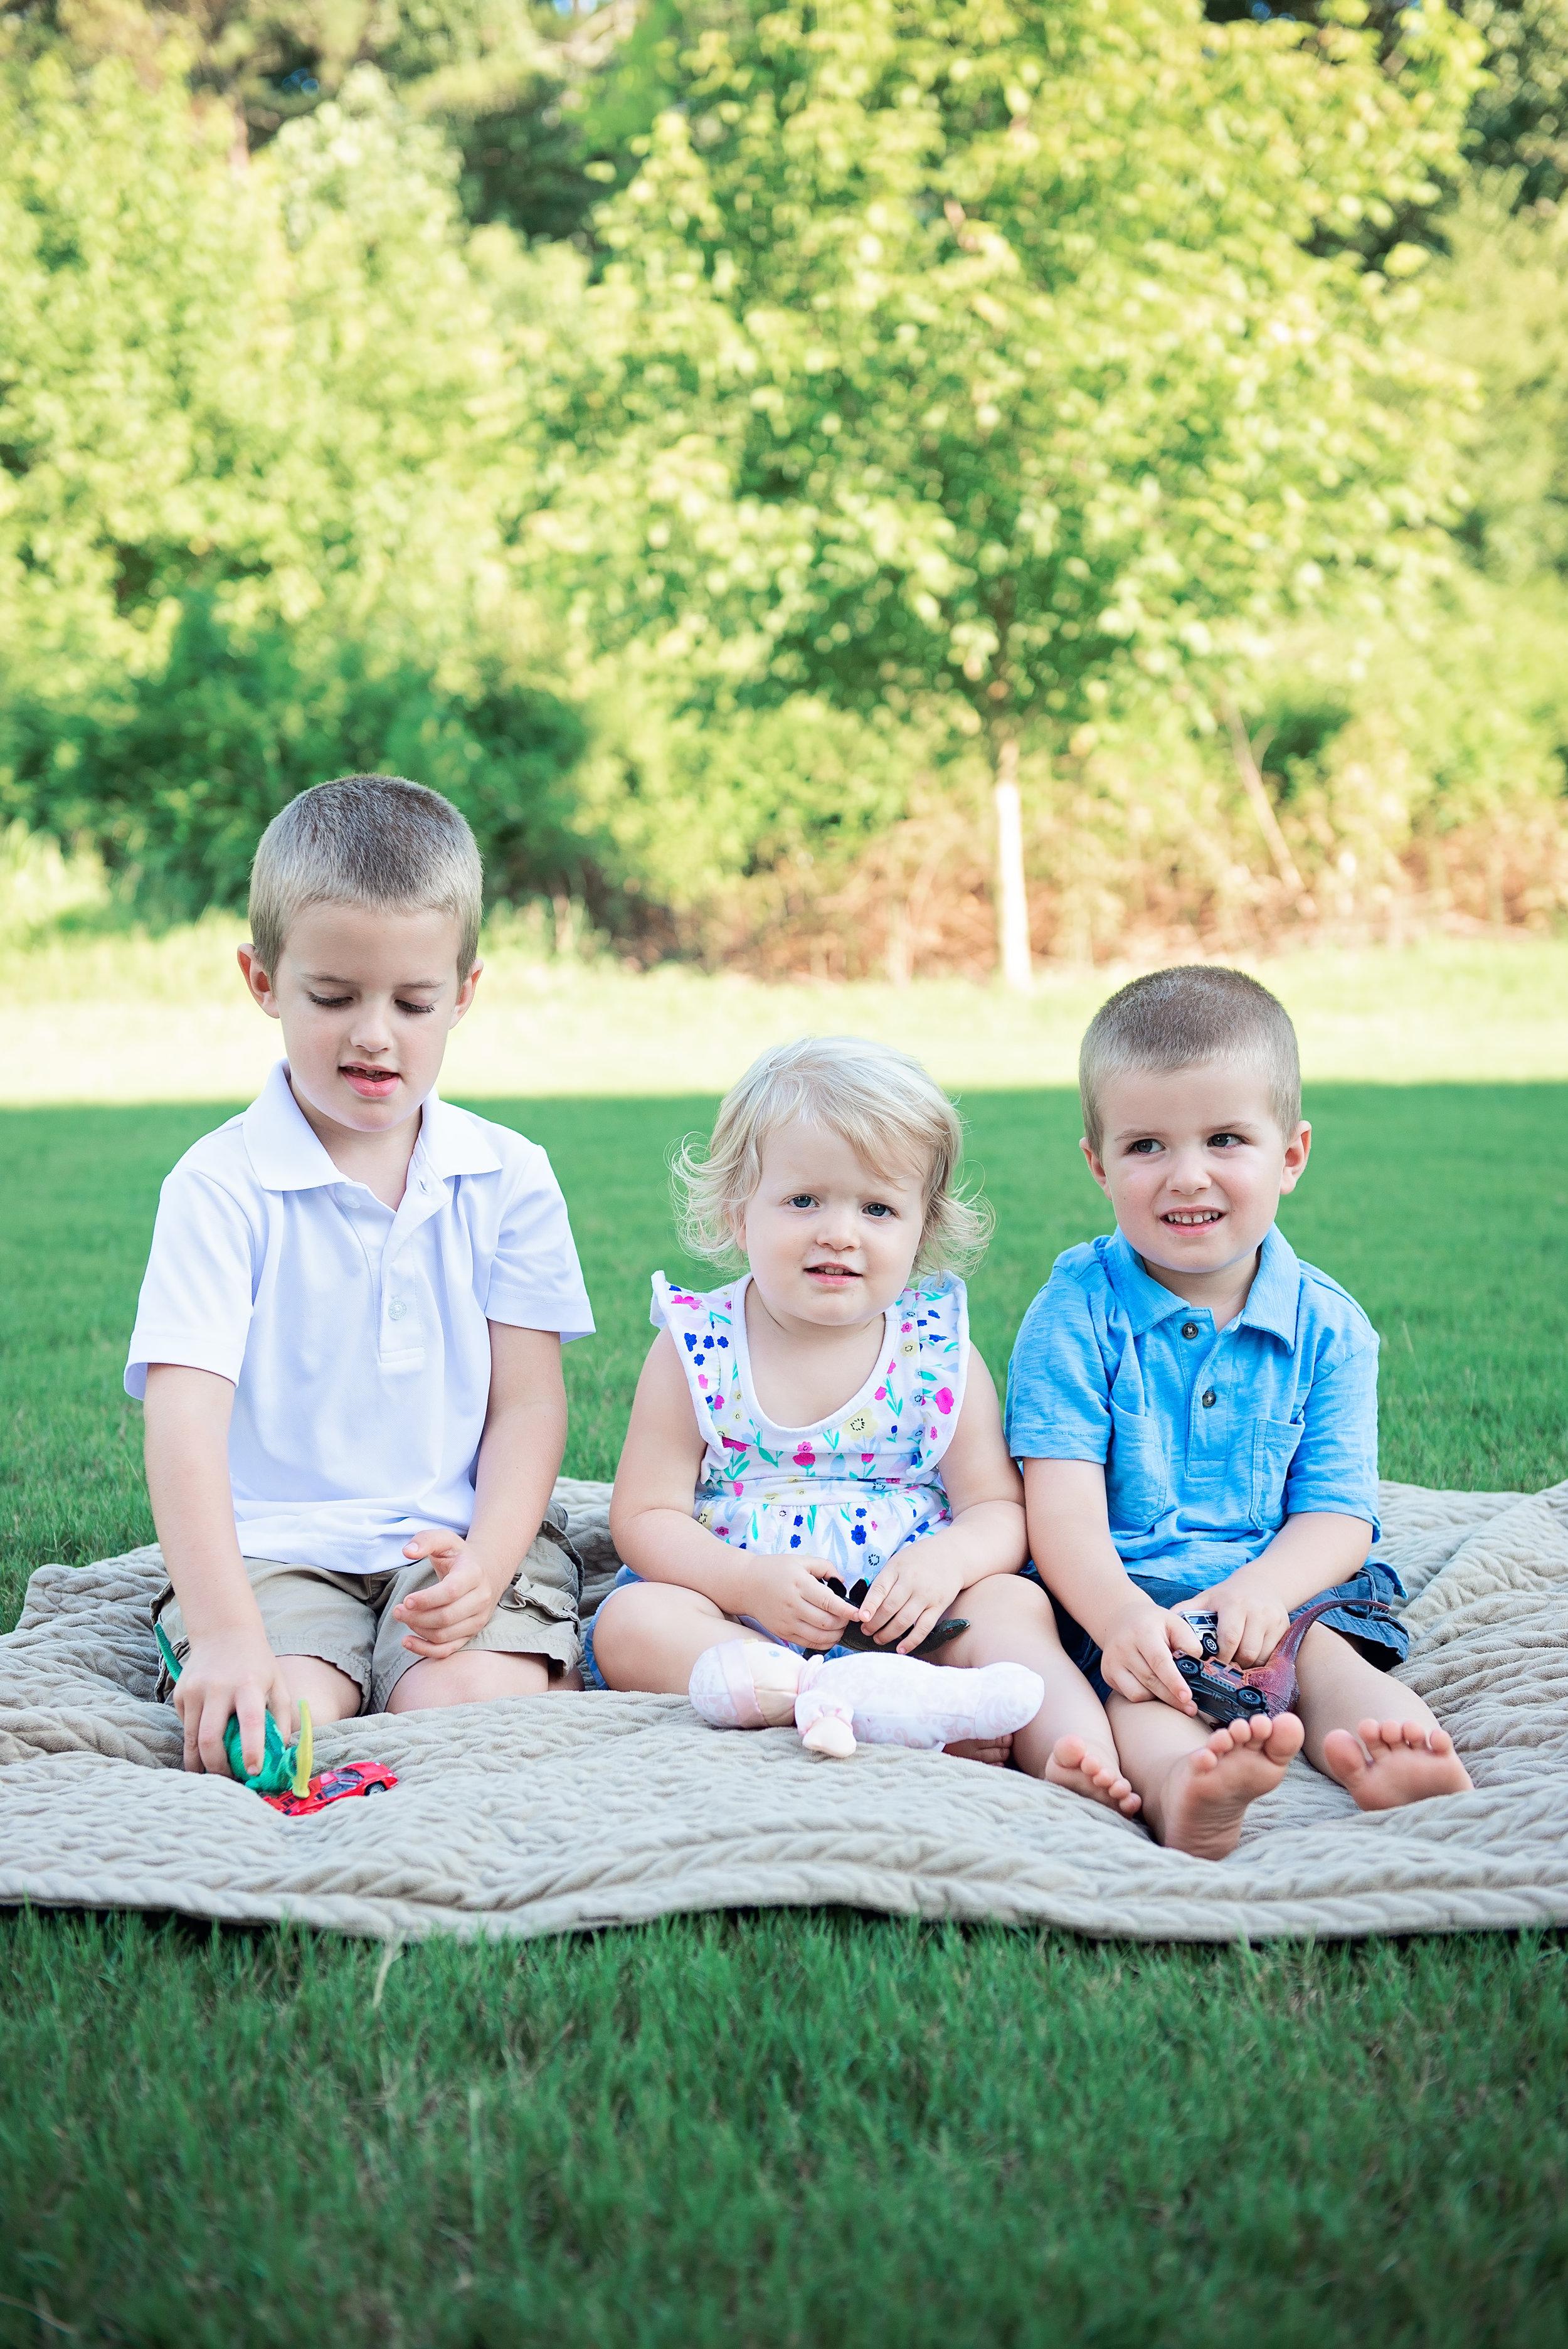 BestMomIdeas-Difference Between Toddler and Preschooler